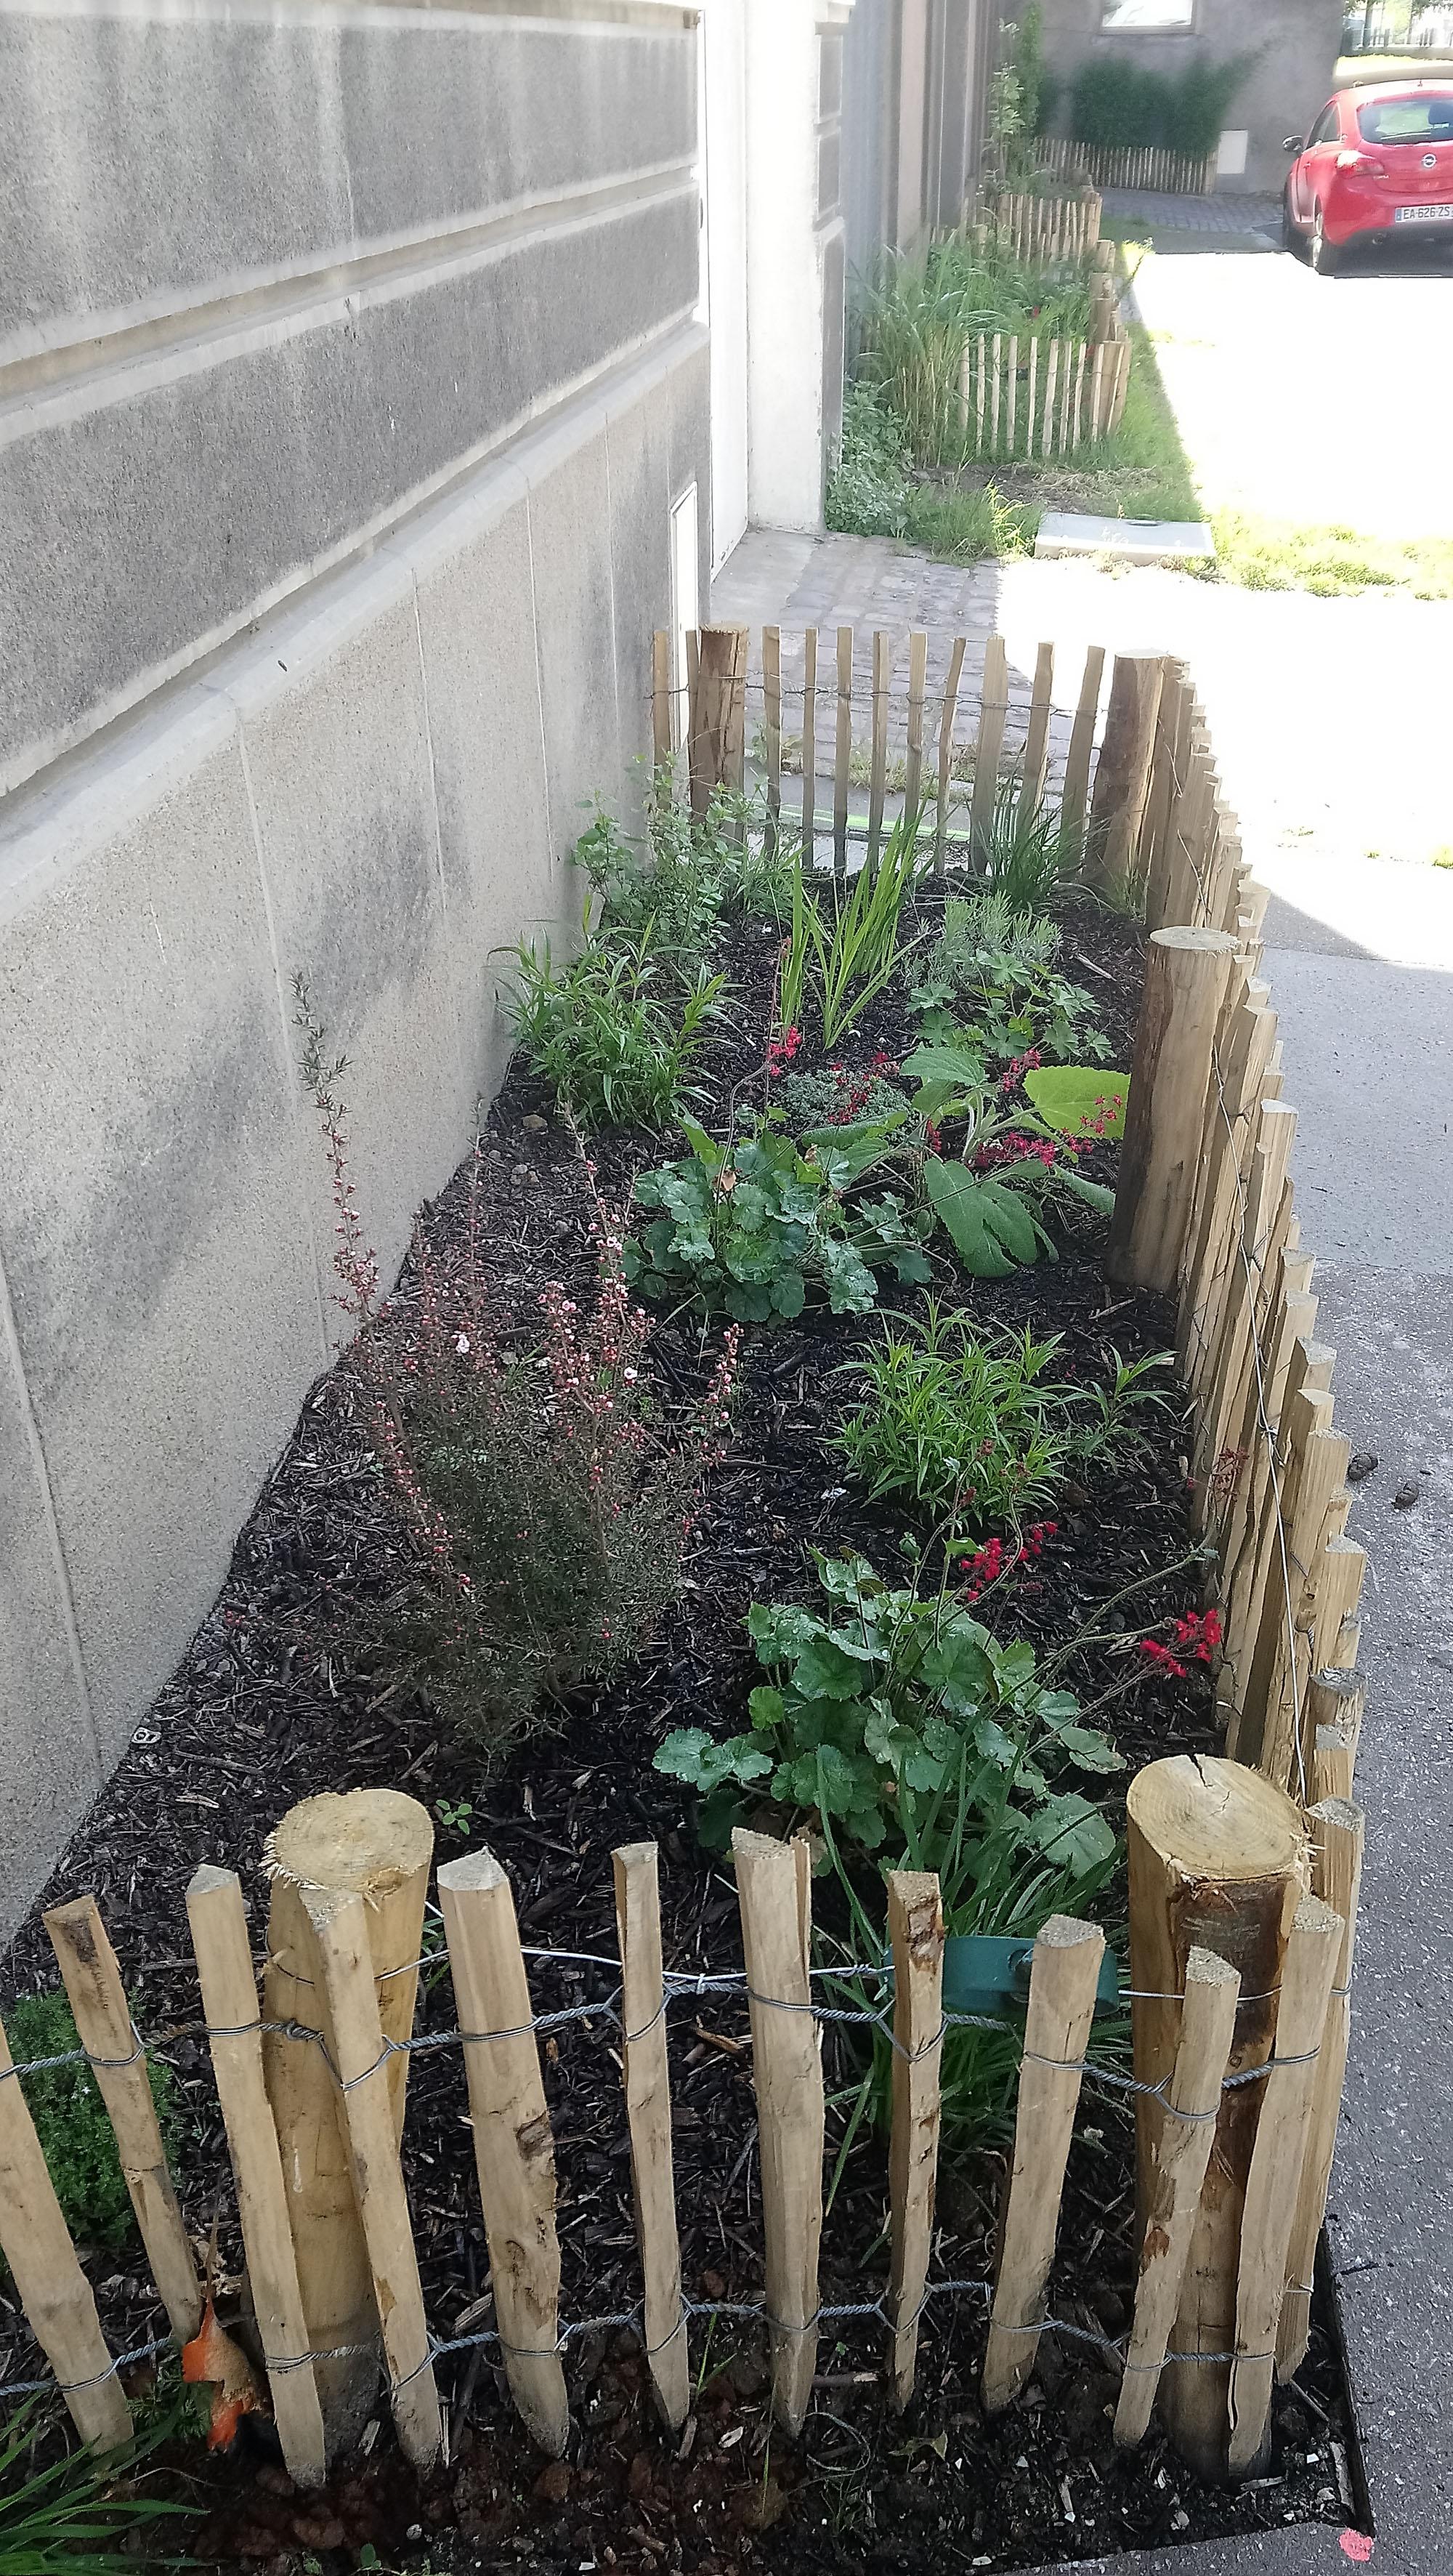 d17ee2389fb5 Ma rue est un jardin en fleurs - Fragil - Culture, société ...